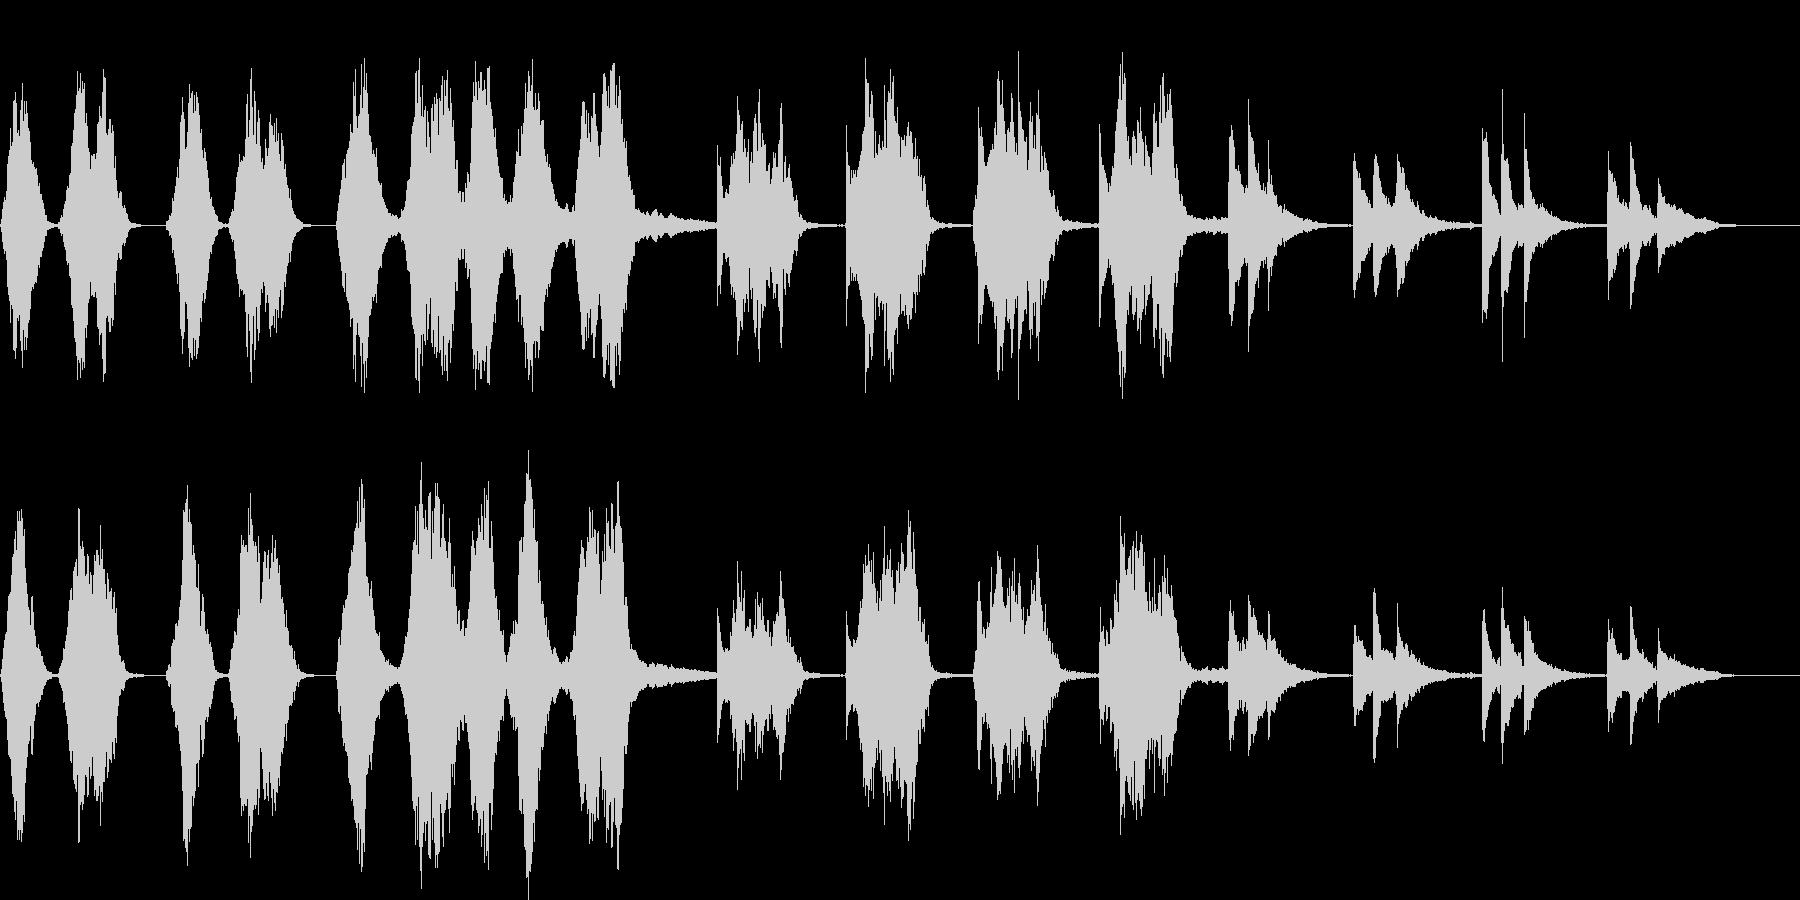 ストリングスとピアノの余韻ある楽曲の未再生の波形